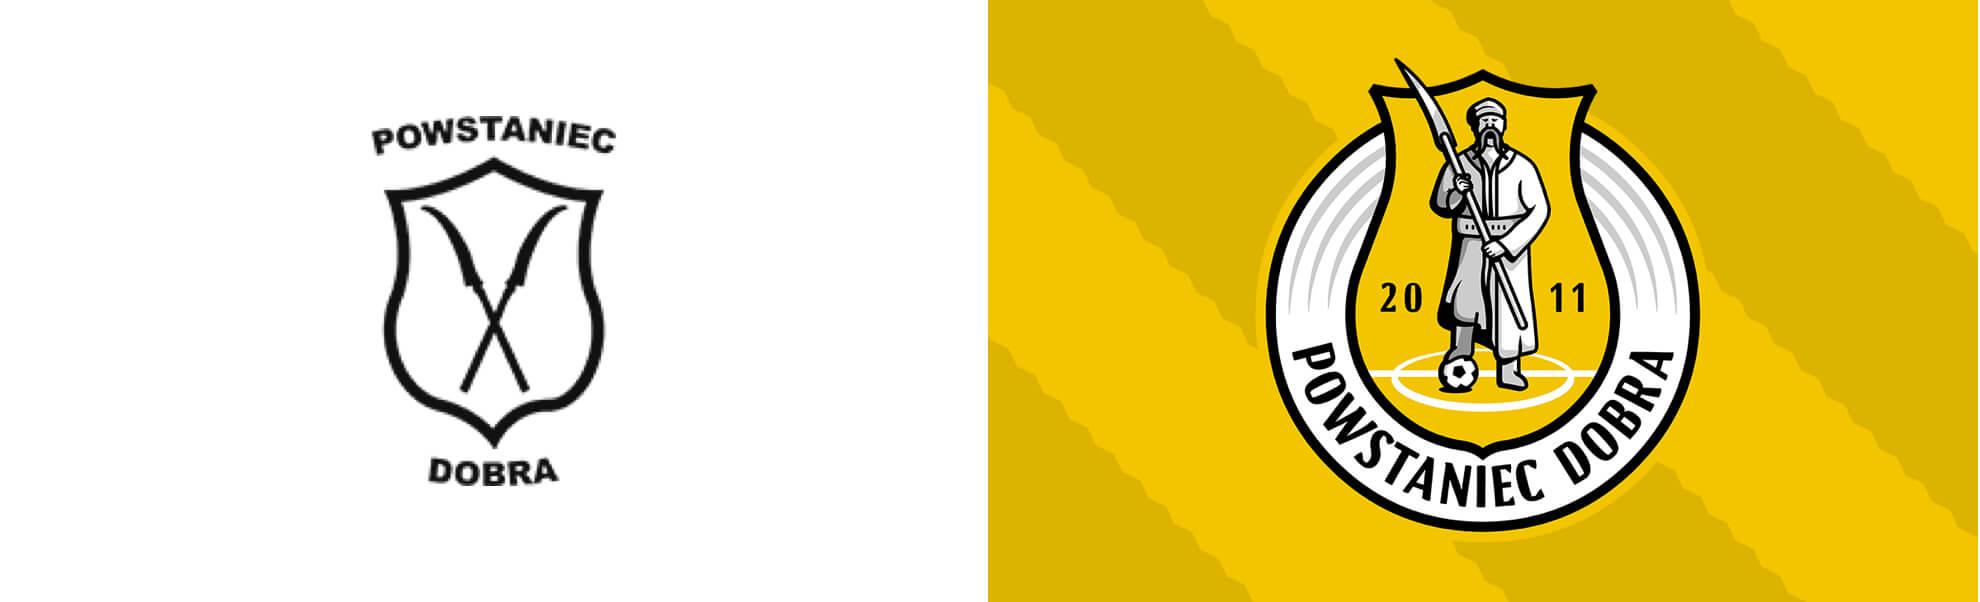 Dobre logo Powstańca Dobra